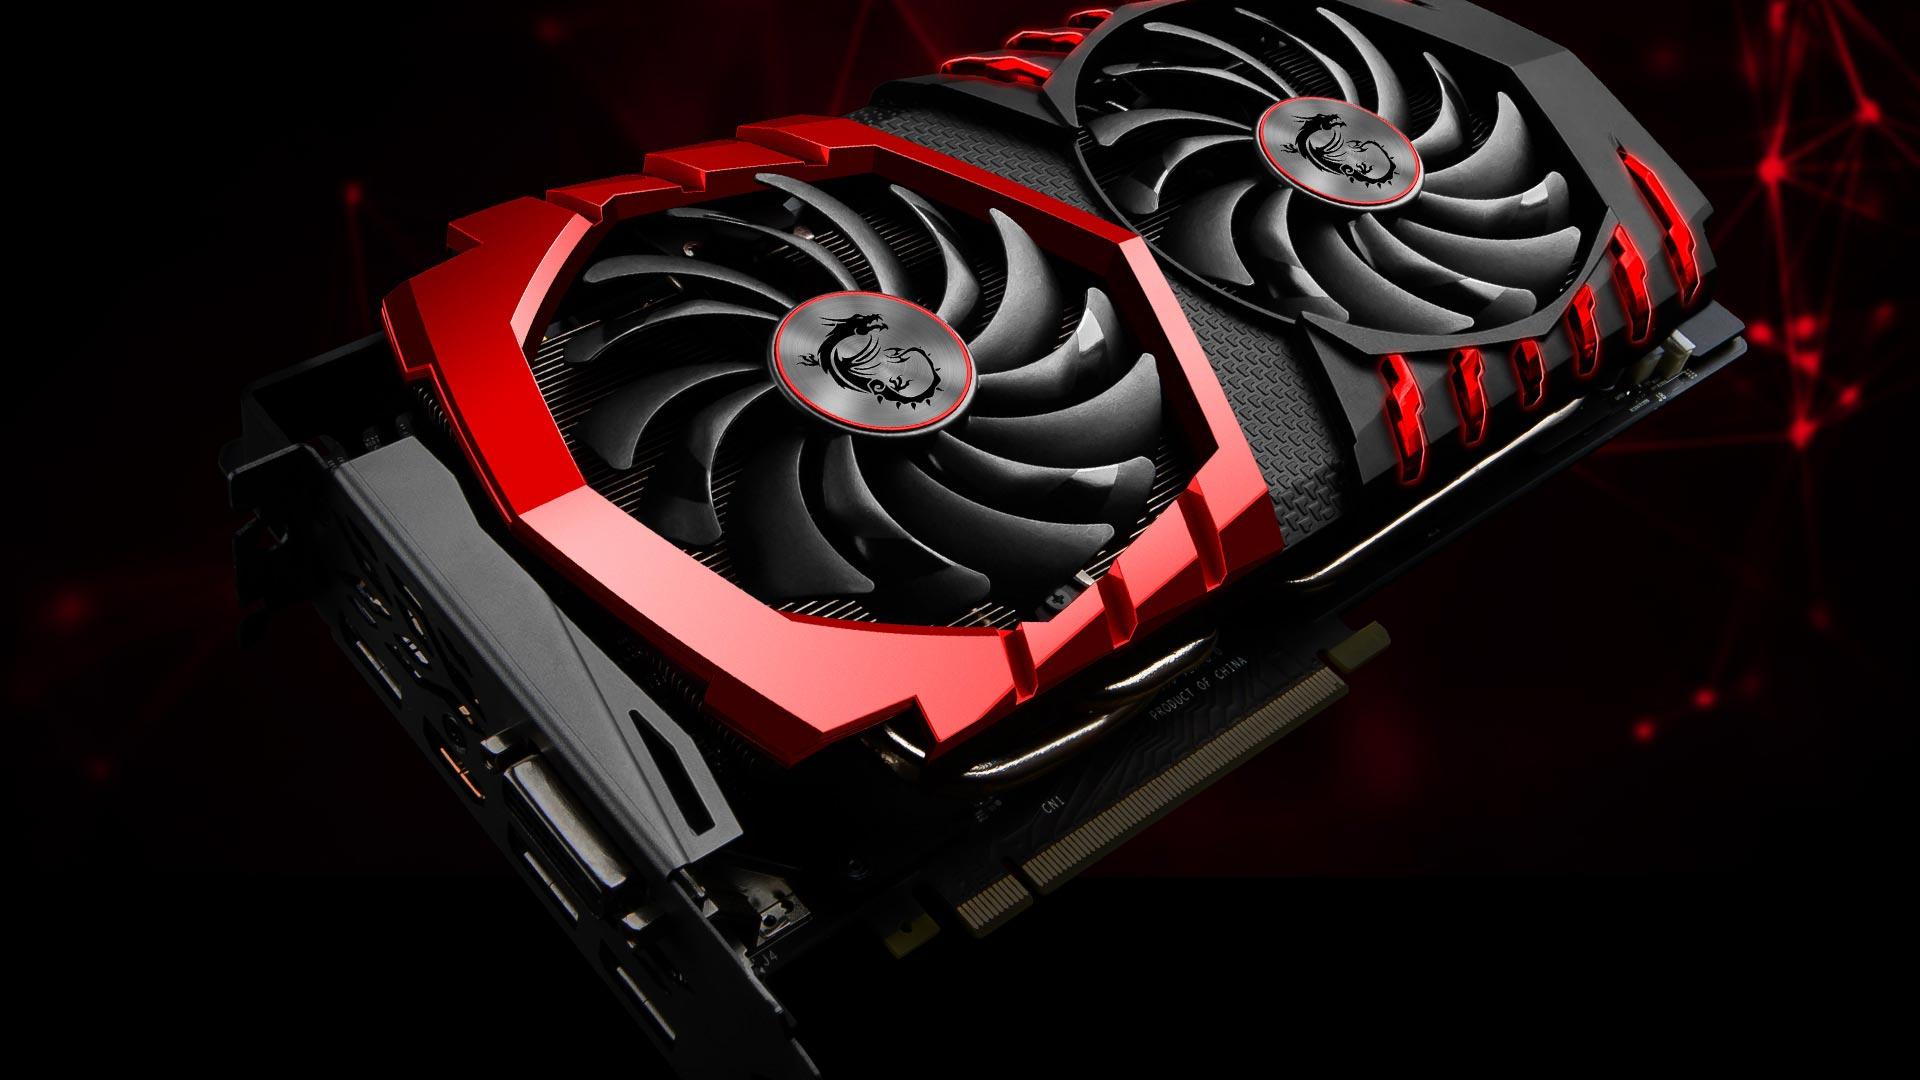 Новый драйвер Nvidia GeForce решает проблему с бесконечной перезагрузкой ПК на GTX 1060